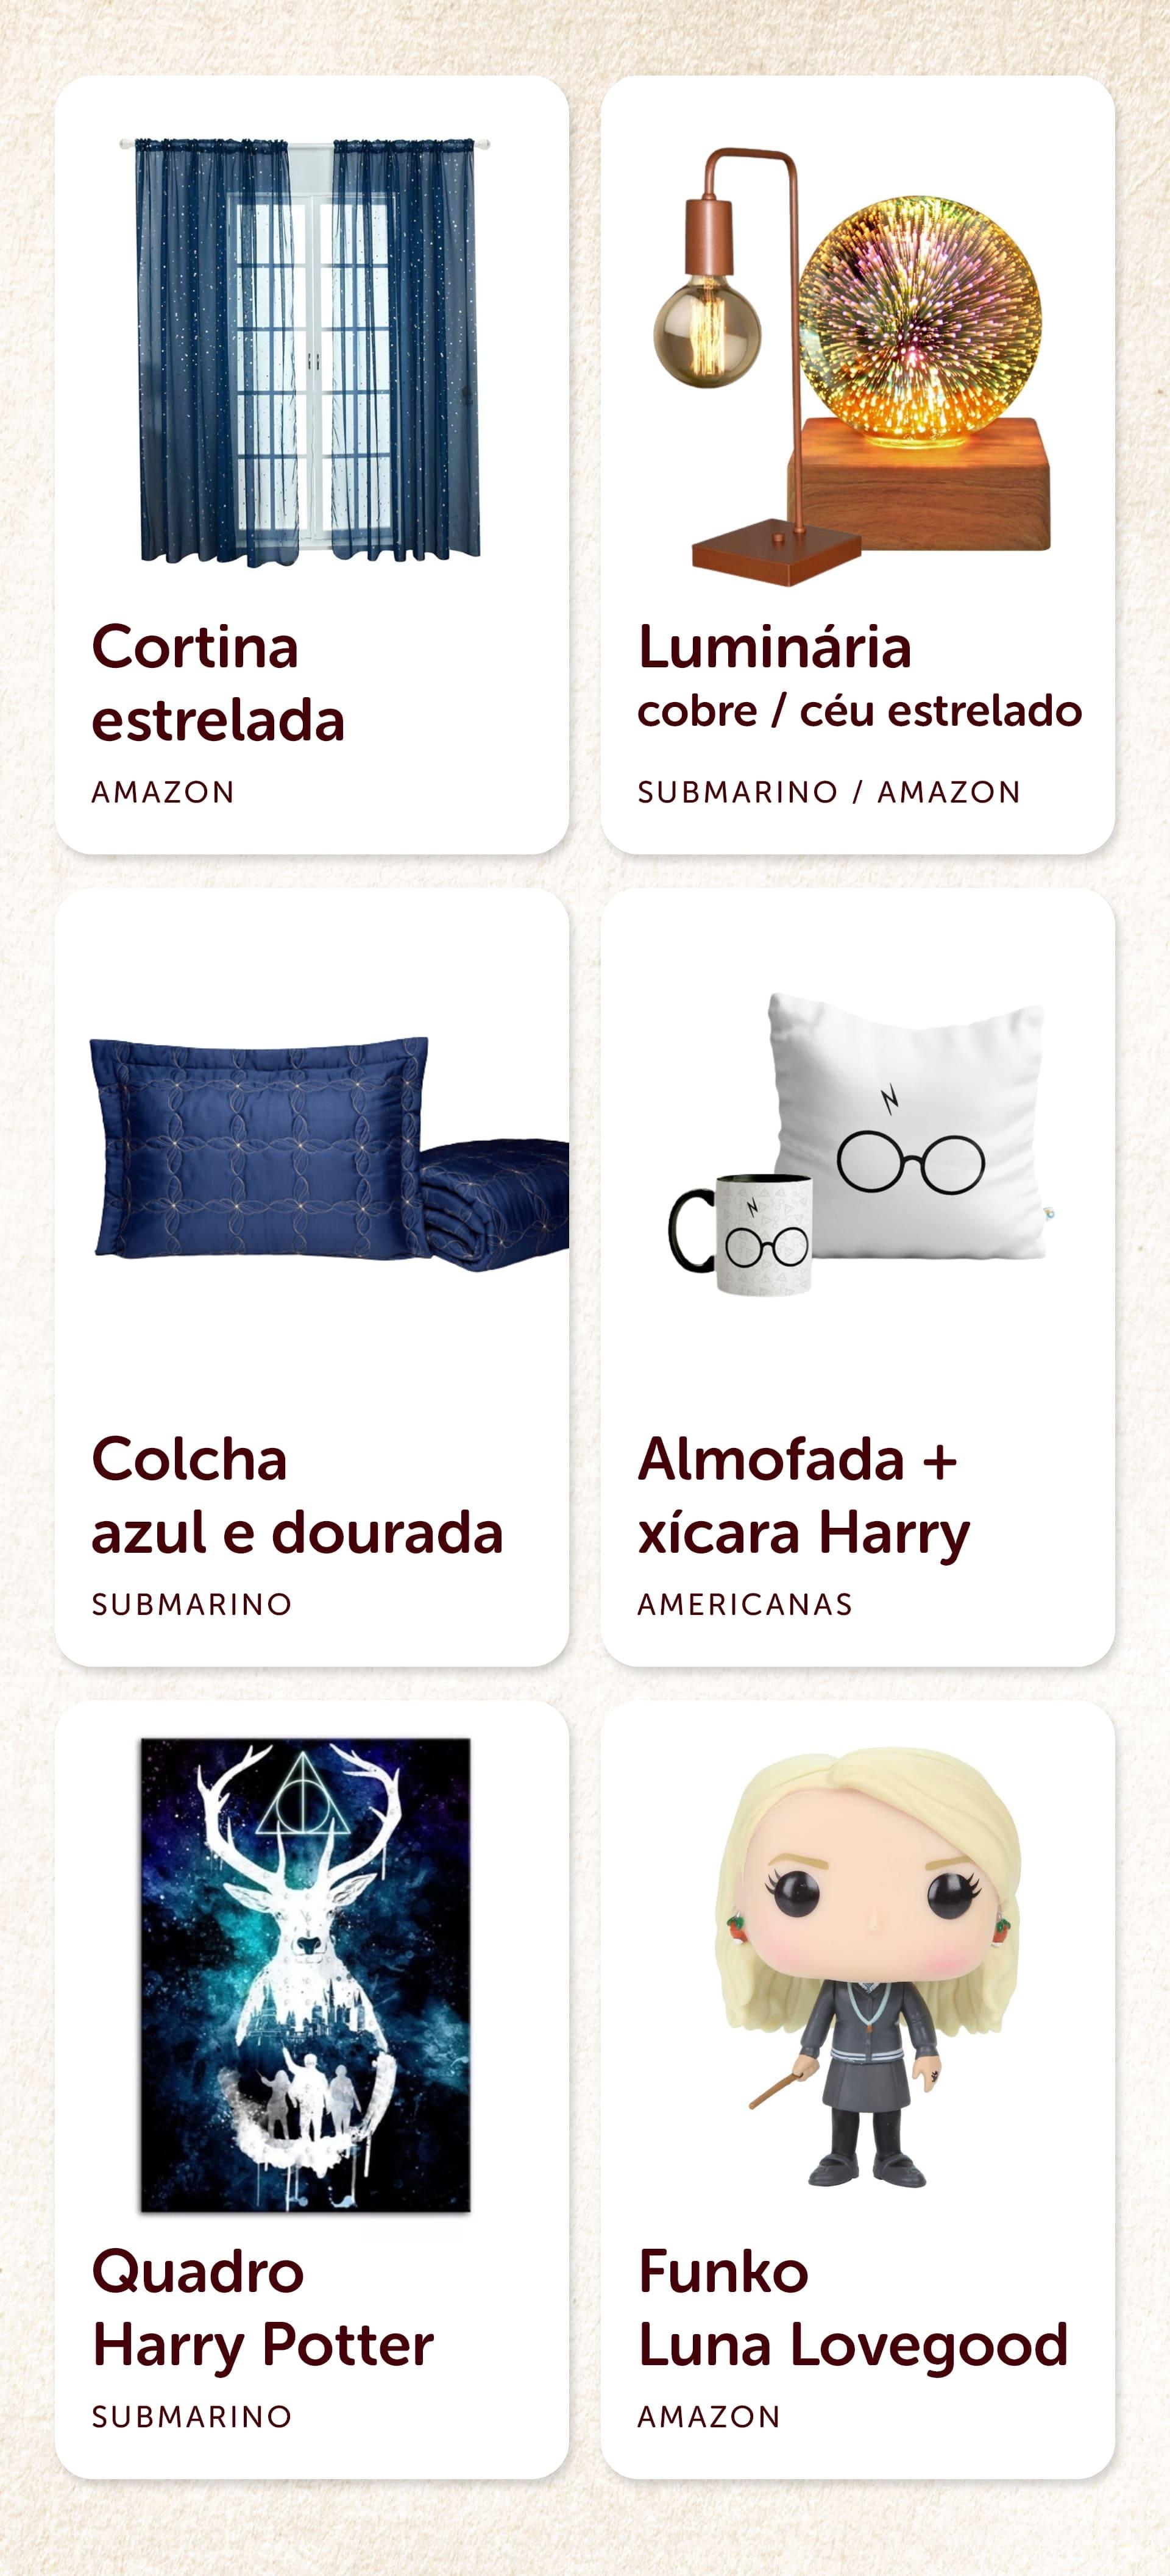 Produtos recomendados para o quarto Harry Potter da Corvinal